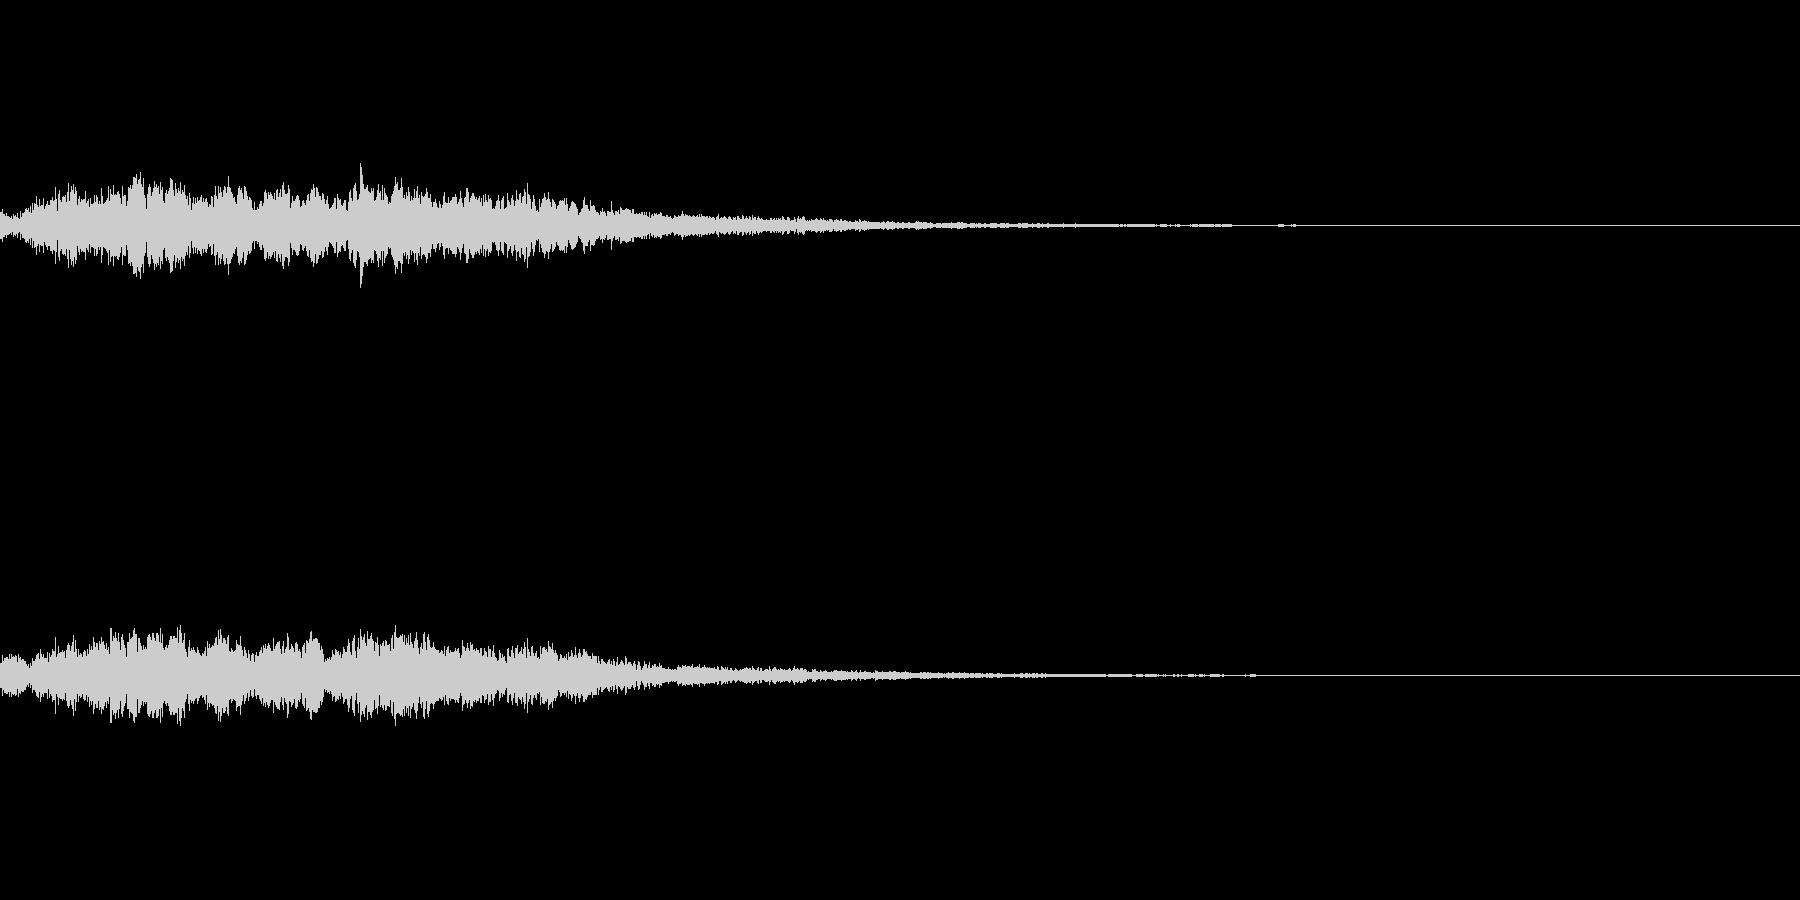 システム音 決定 セーブの未再生の波形